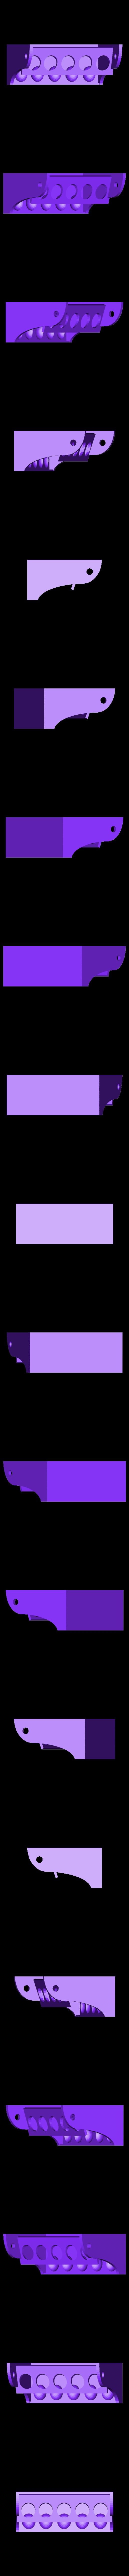 testtubeholder.stl Télécharger fichier STL gratuit support de tube à essai pour tube à essai de 16 mm • Design imprimable en 3D, Joggel04